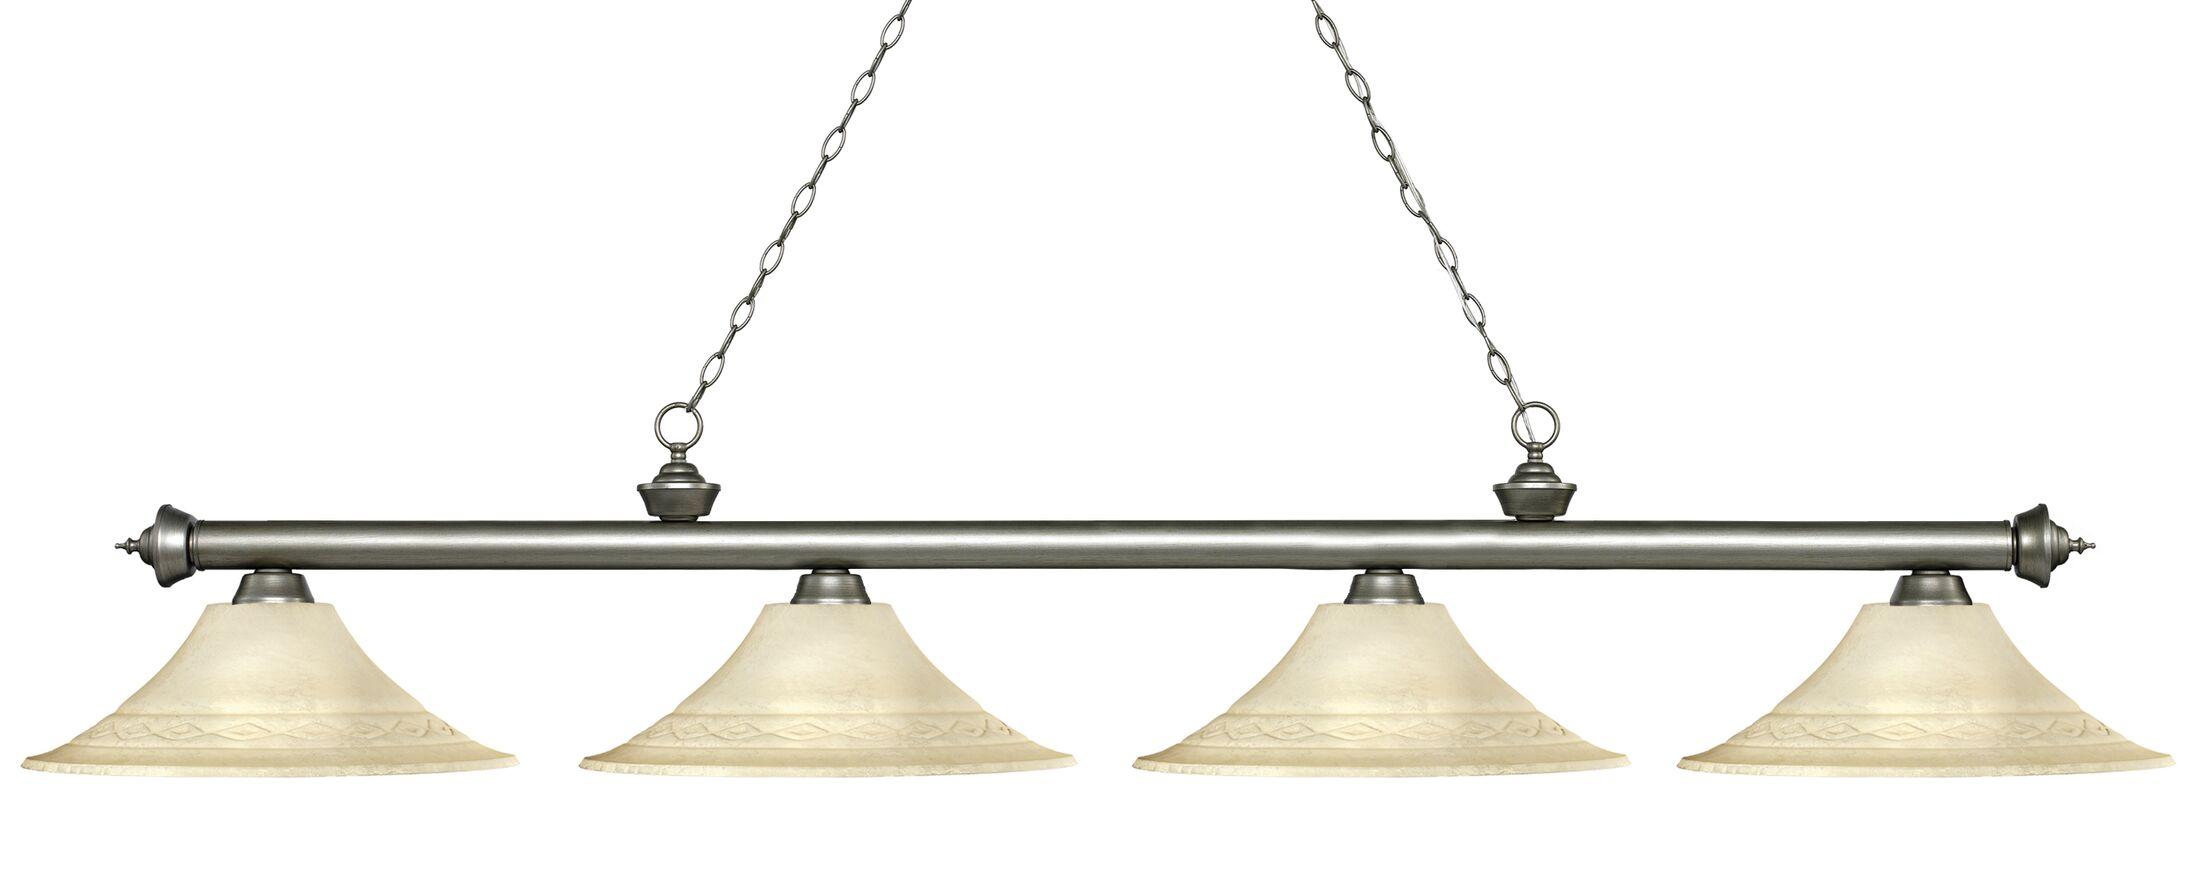 Zephyr 4-Light Bell Shade Billiard Light Finish: Antique Silver, Shade Color: Golden